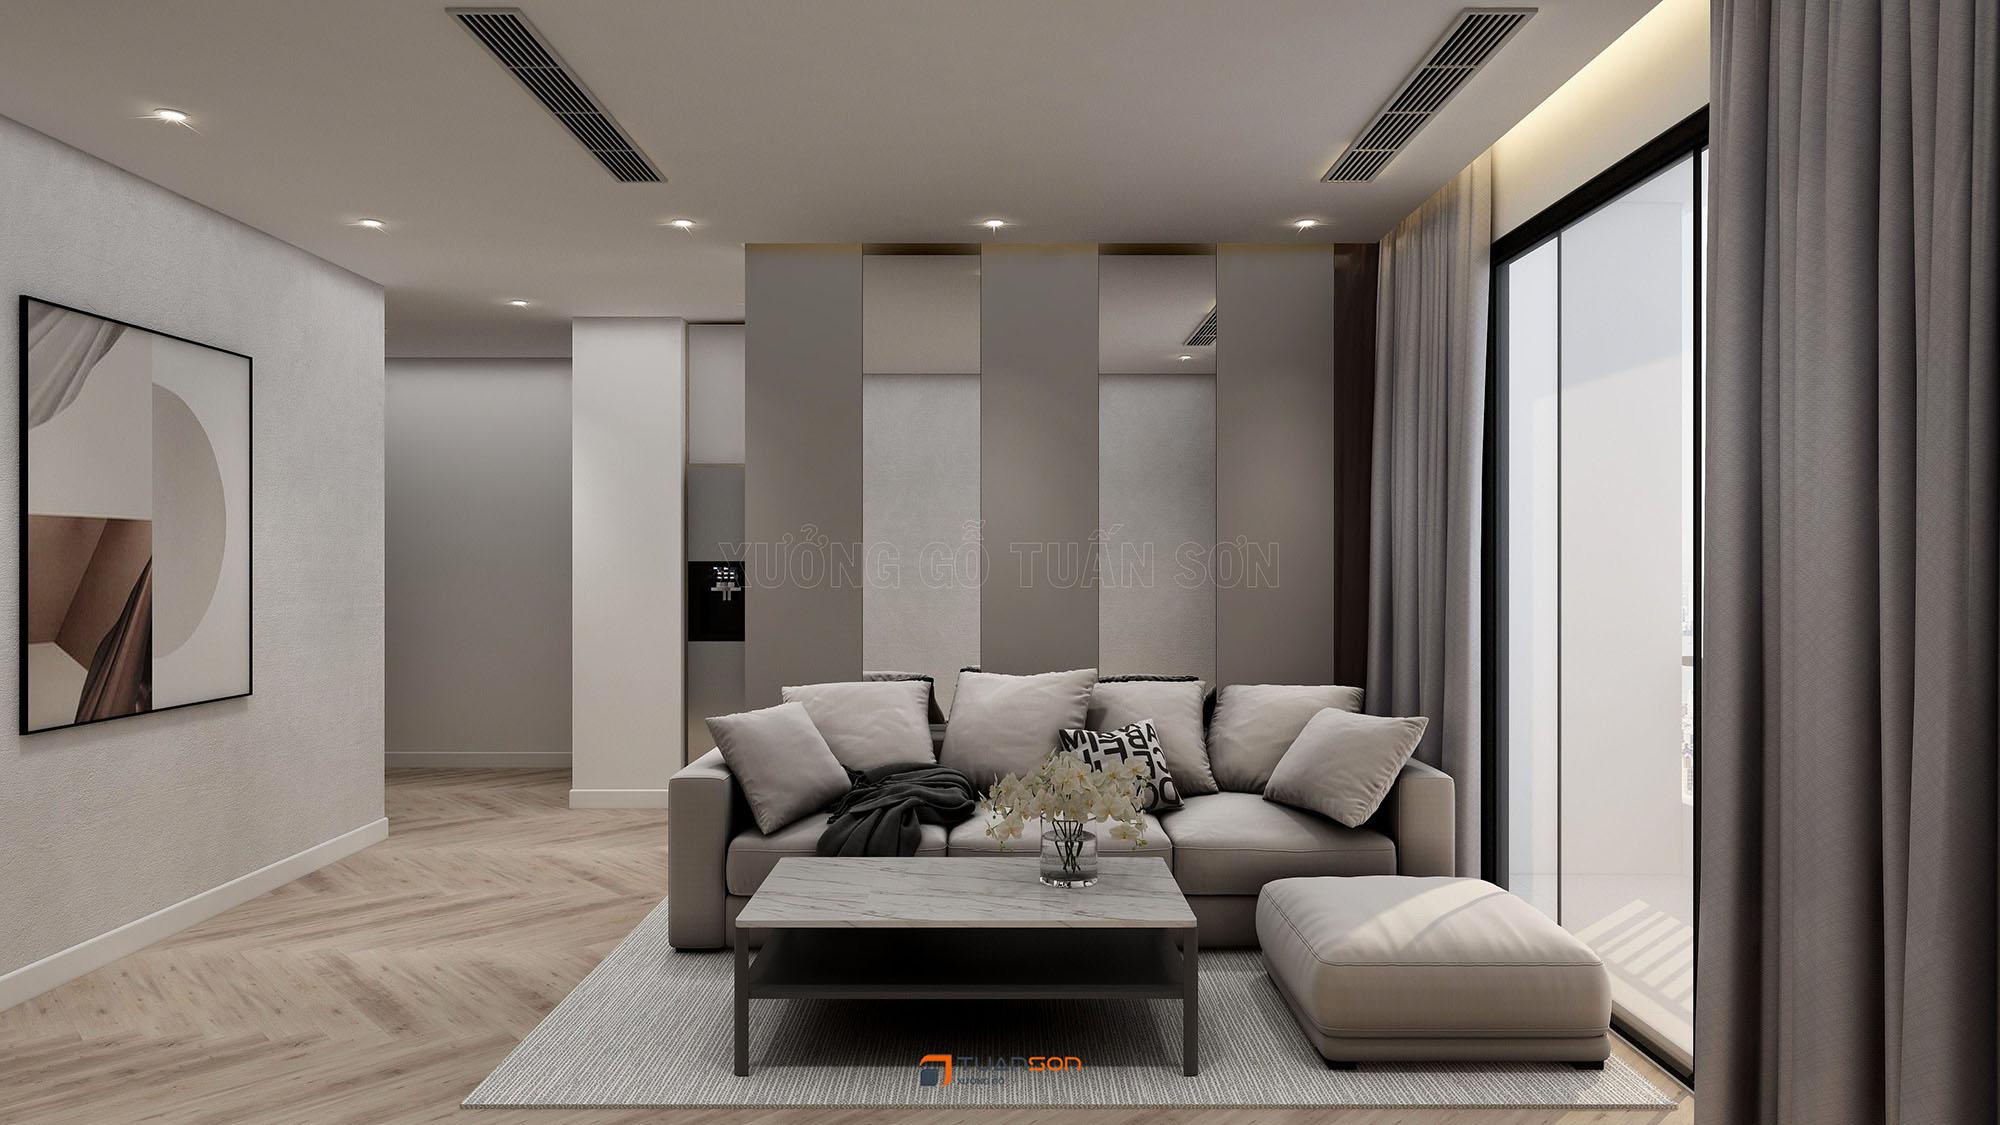 Thiết kế nội thất căn hộ 2 phòng ngủ The Tera An Hưng Tố Hữu